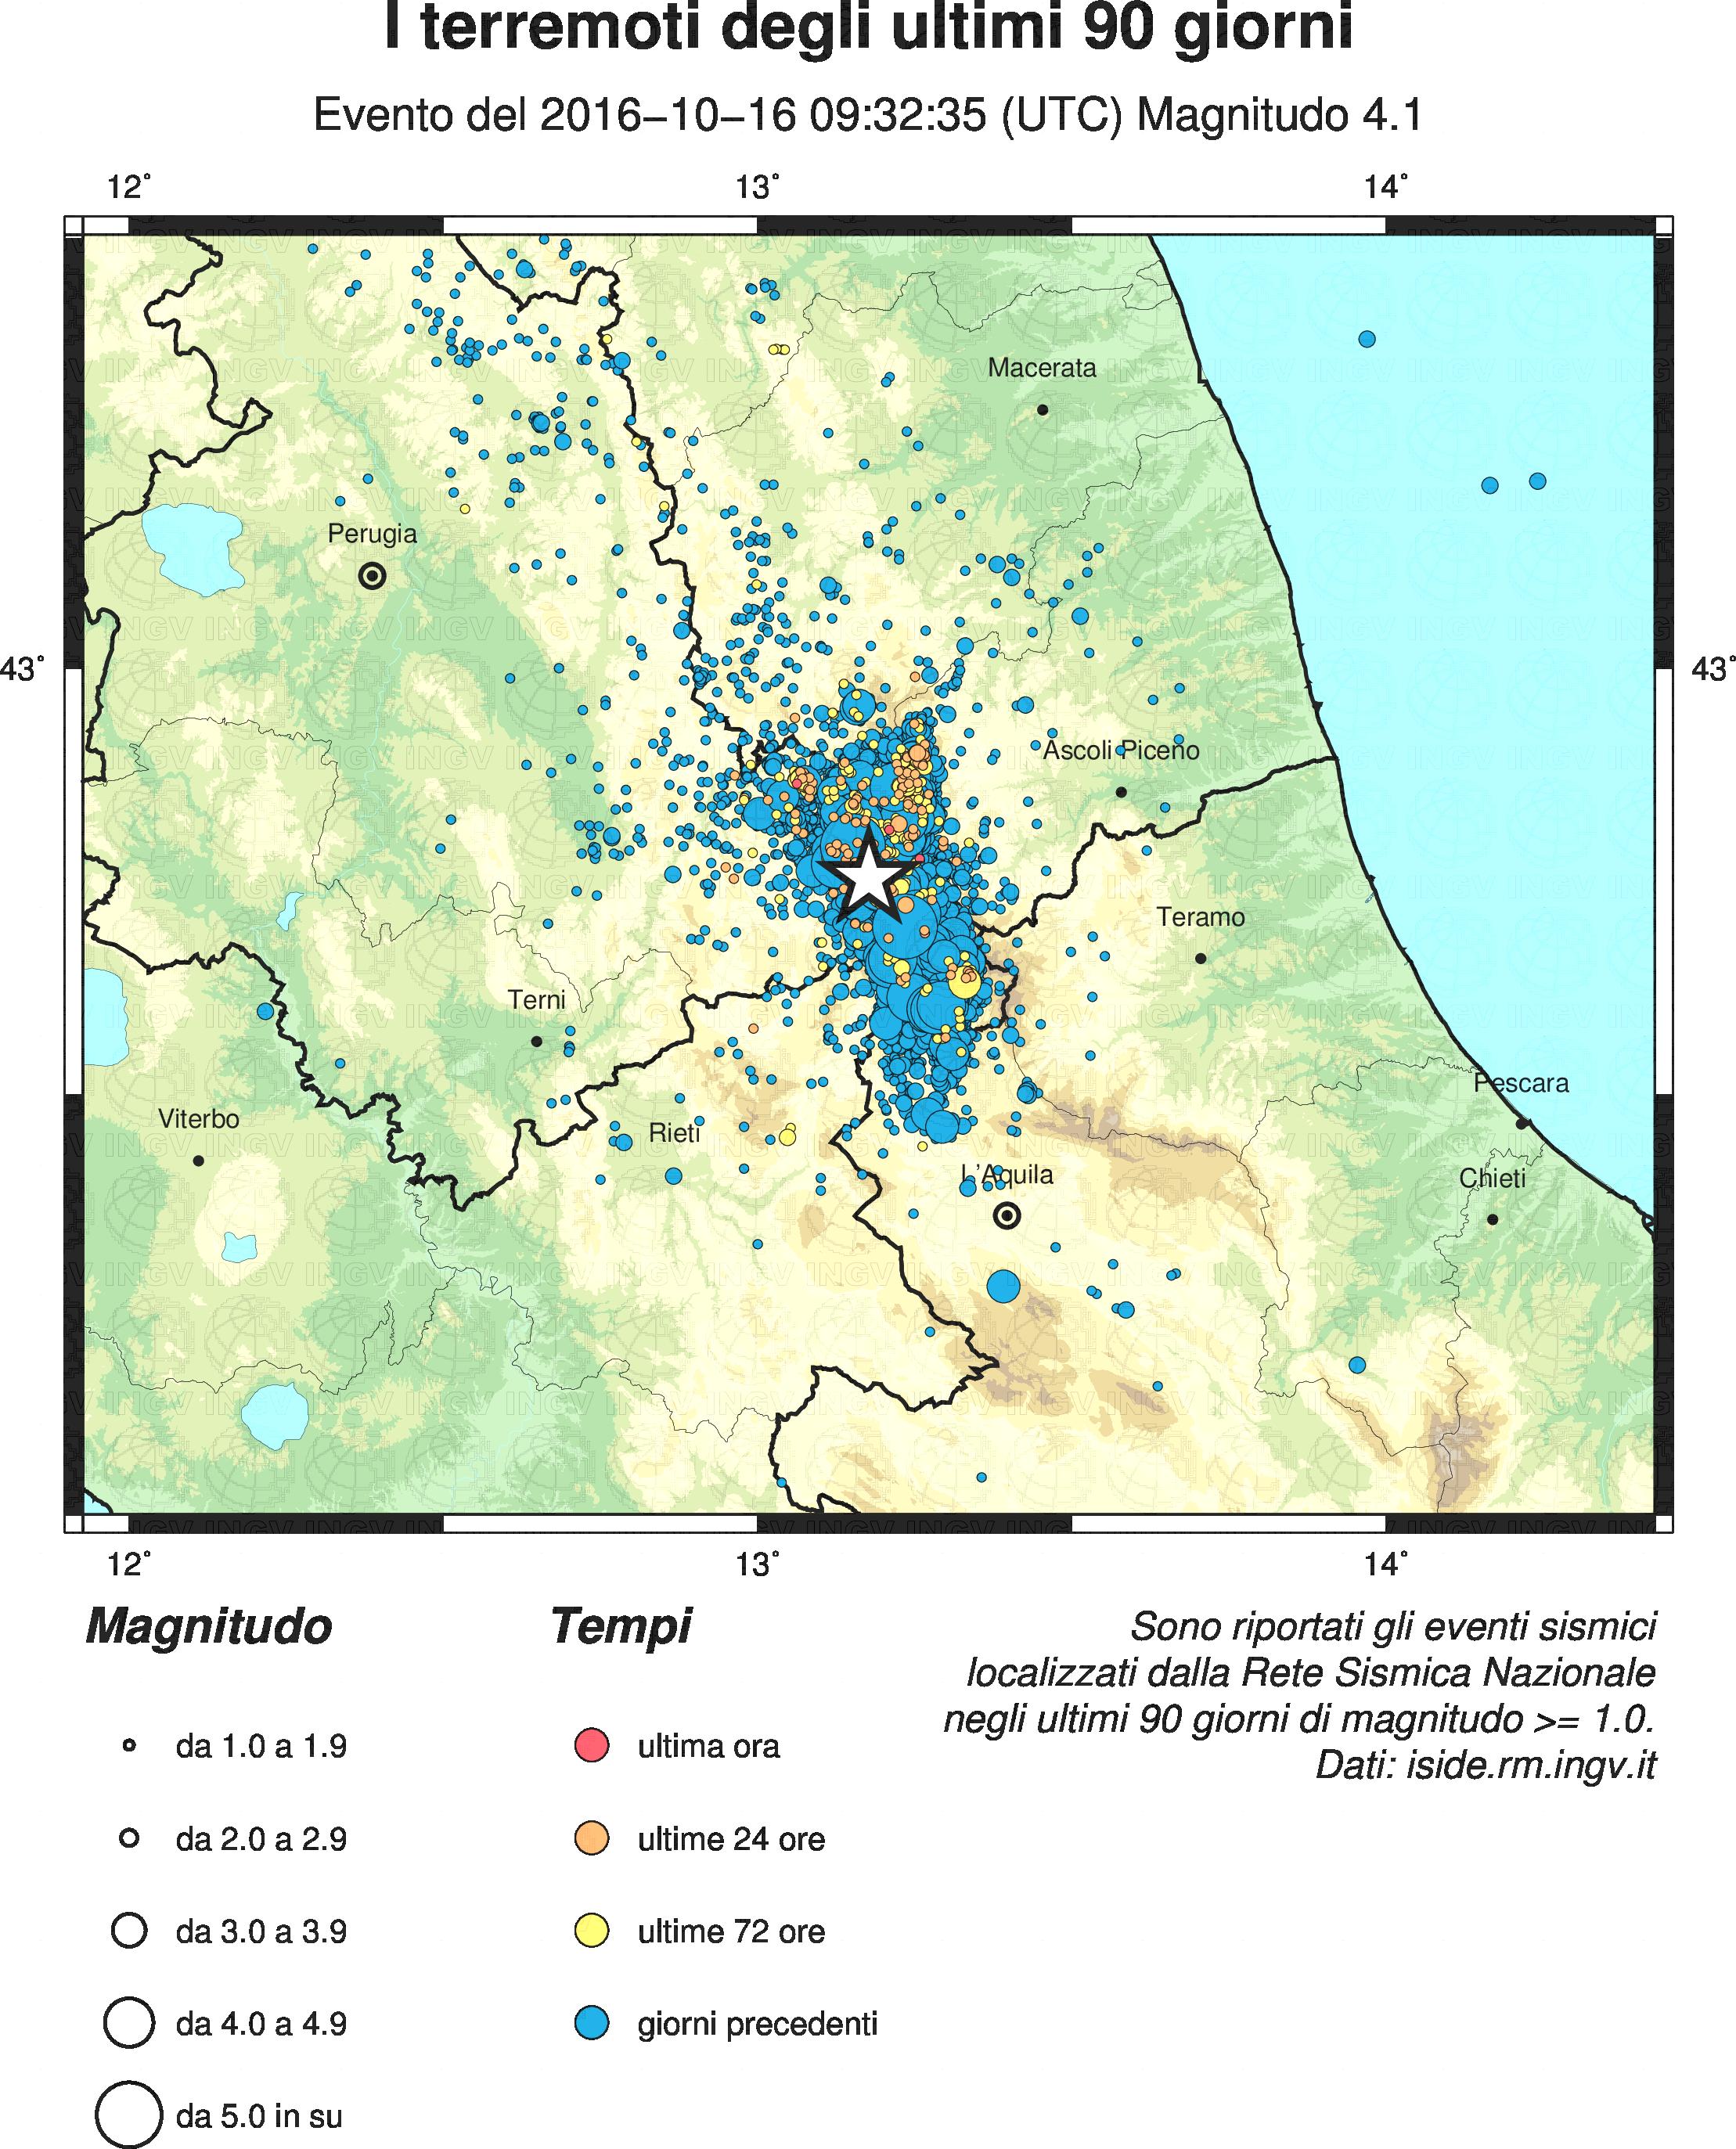 Sequenza sismica in Italia centrale: nuovo evento di magnitudo 4.1 il 16/10/2016 alle 11:32